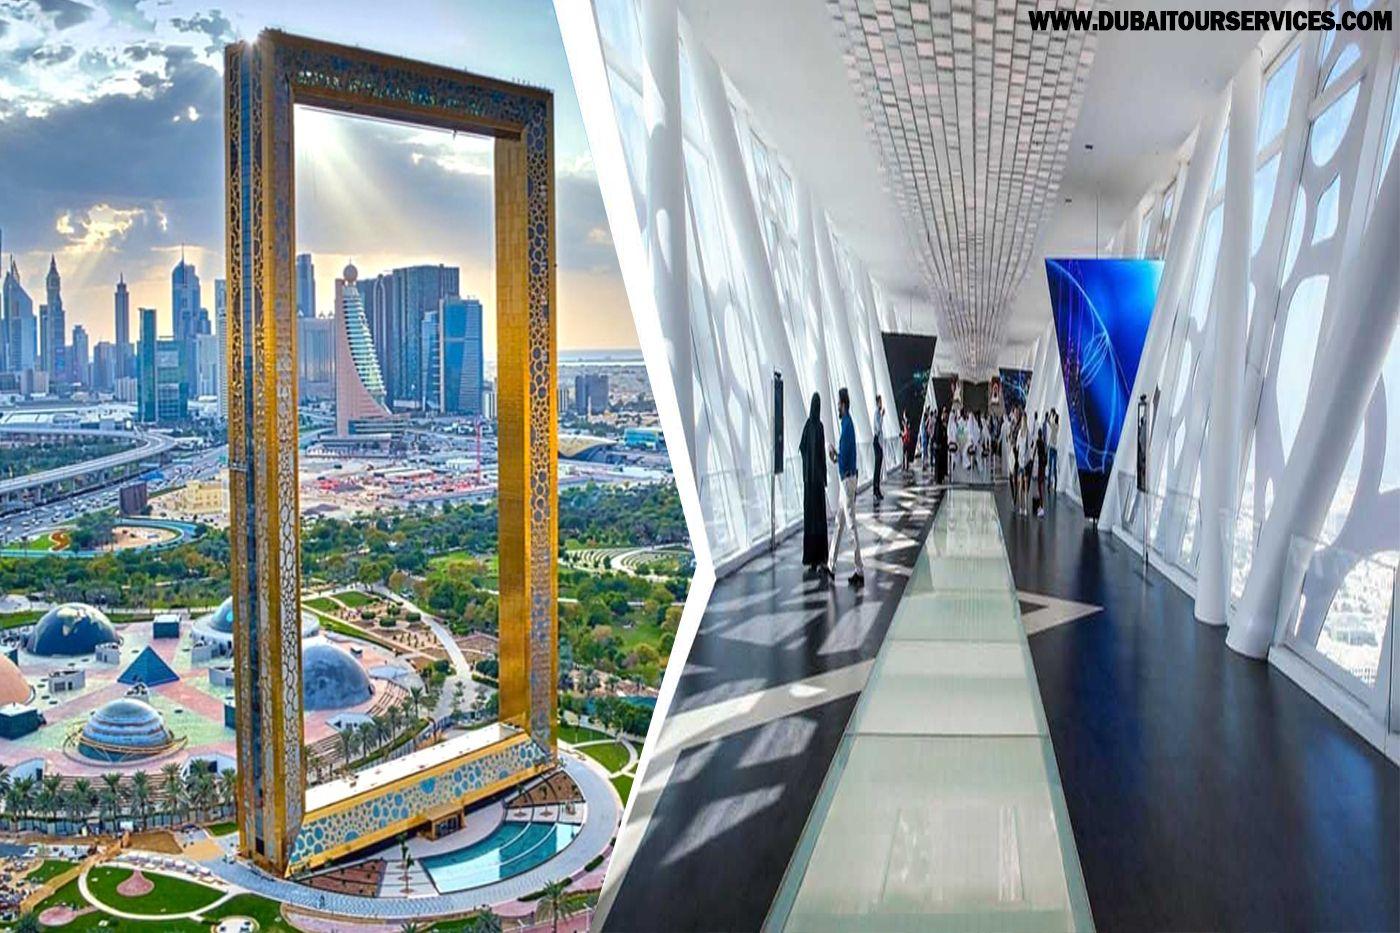 The Dubai Frame Ticket Booking Explore Dubai Uae Sightseeing Tours Dubai Tour Tours Dubai